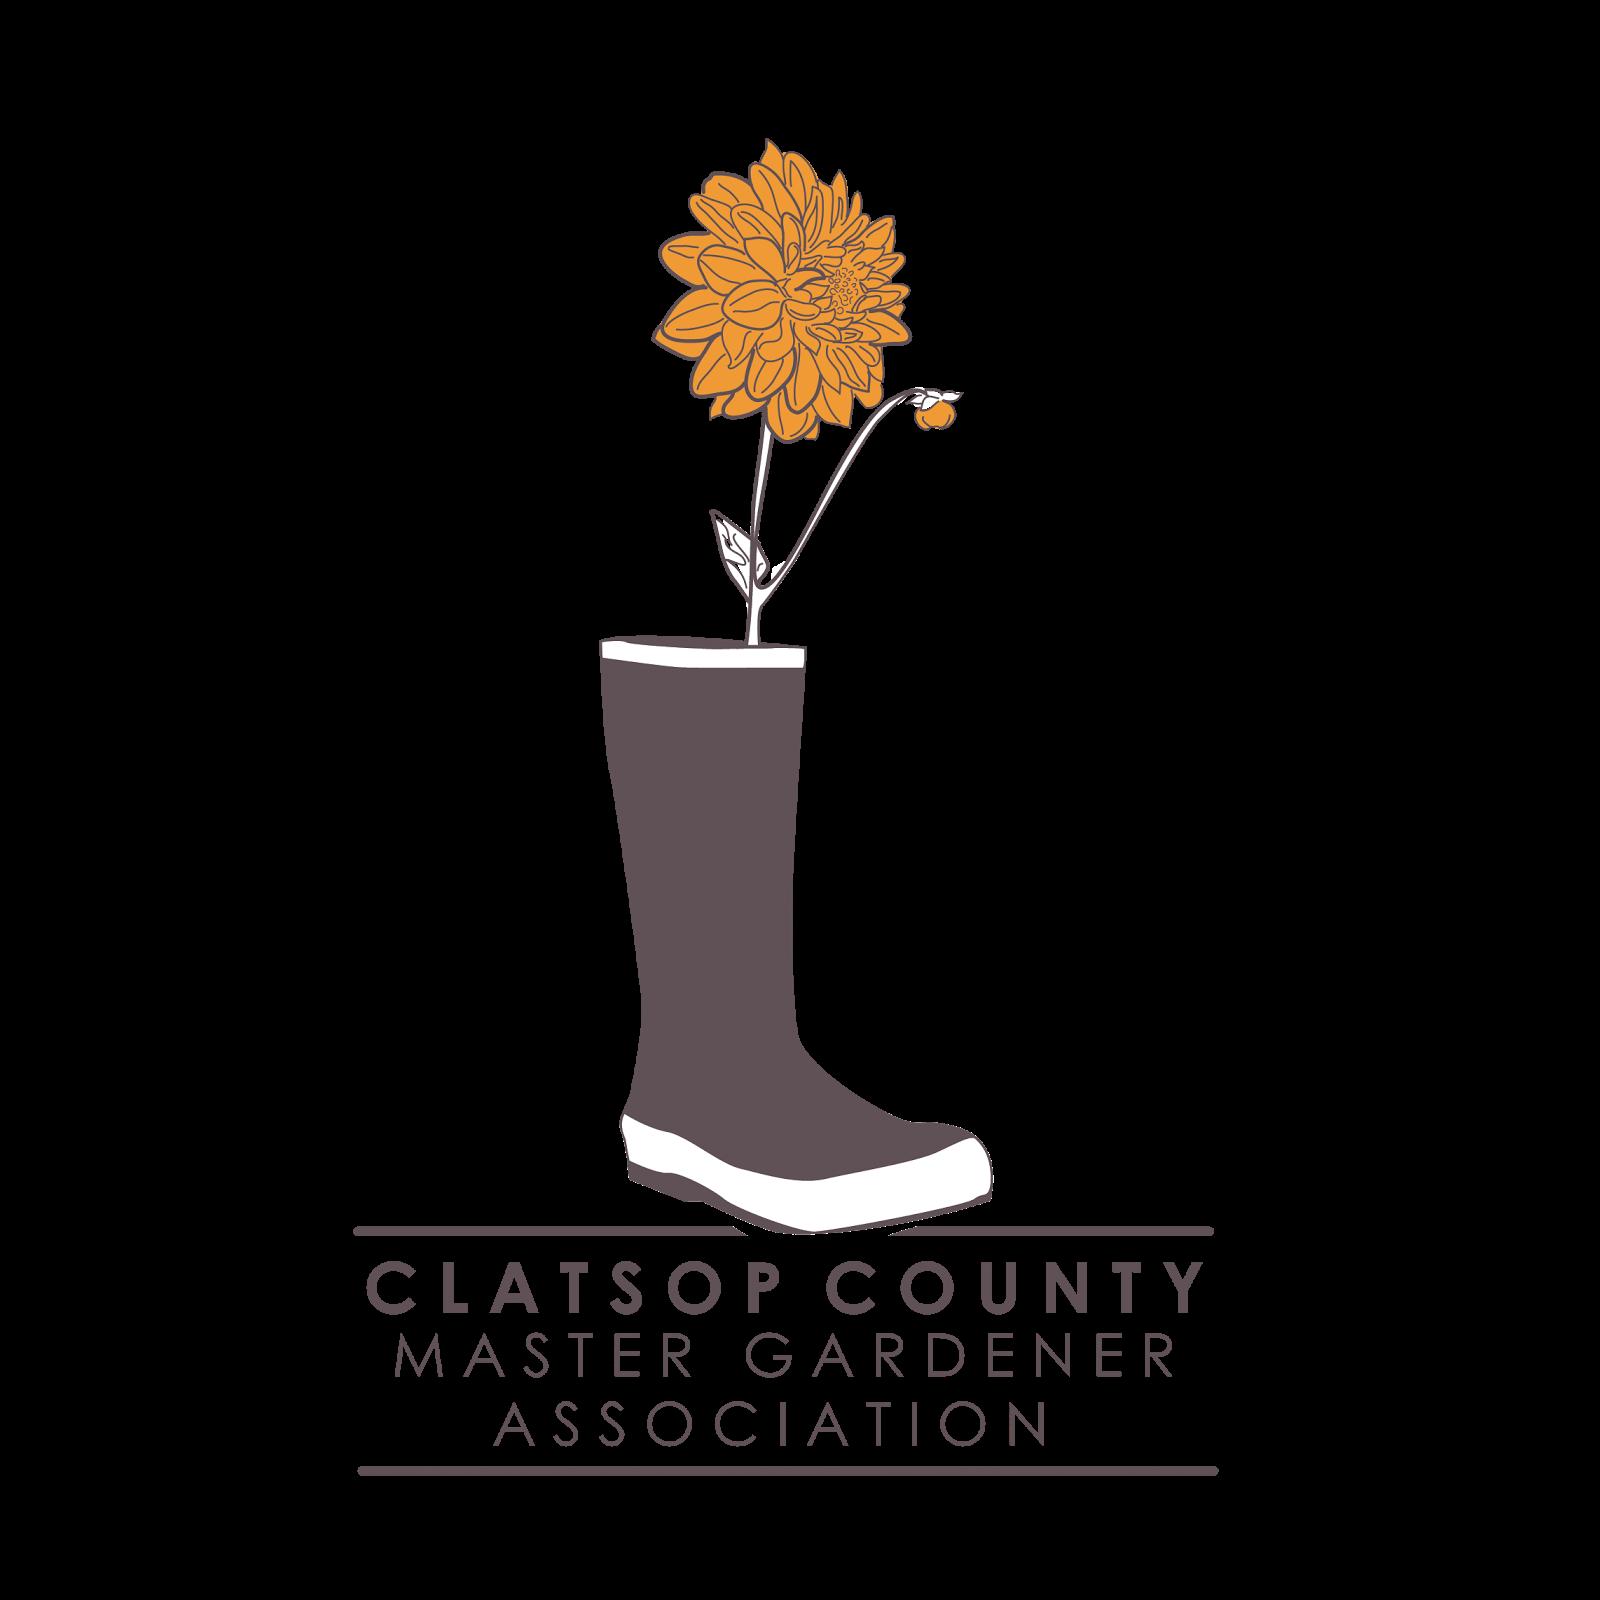 Gardener clipart master gardener. Clatsop county gardeners association